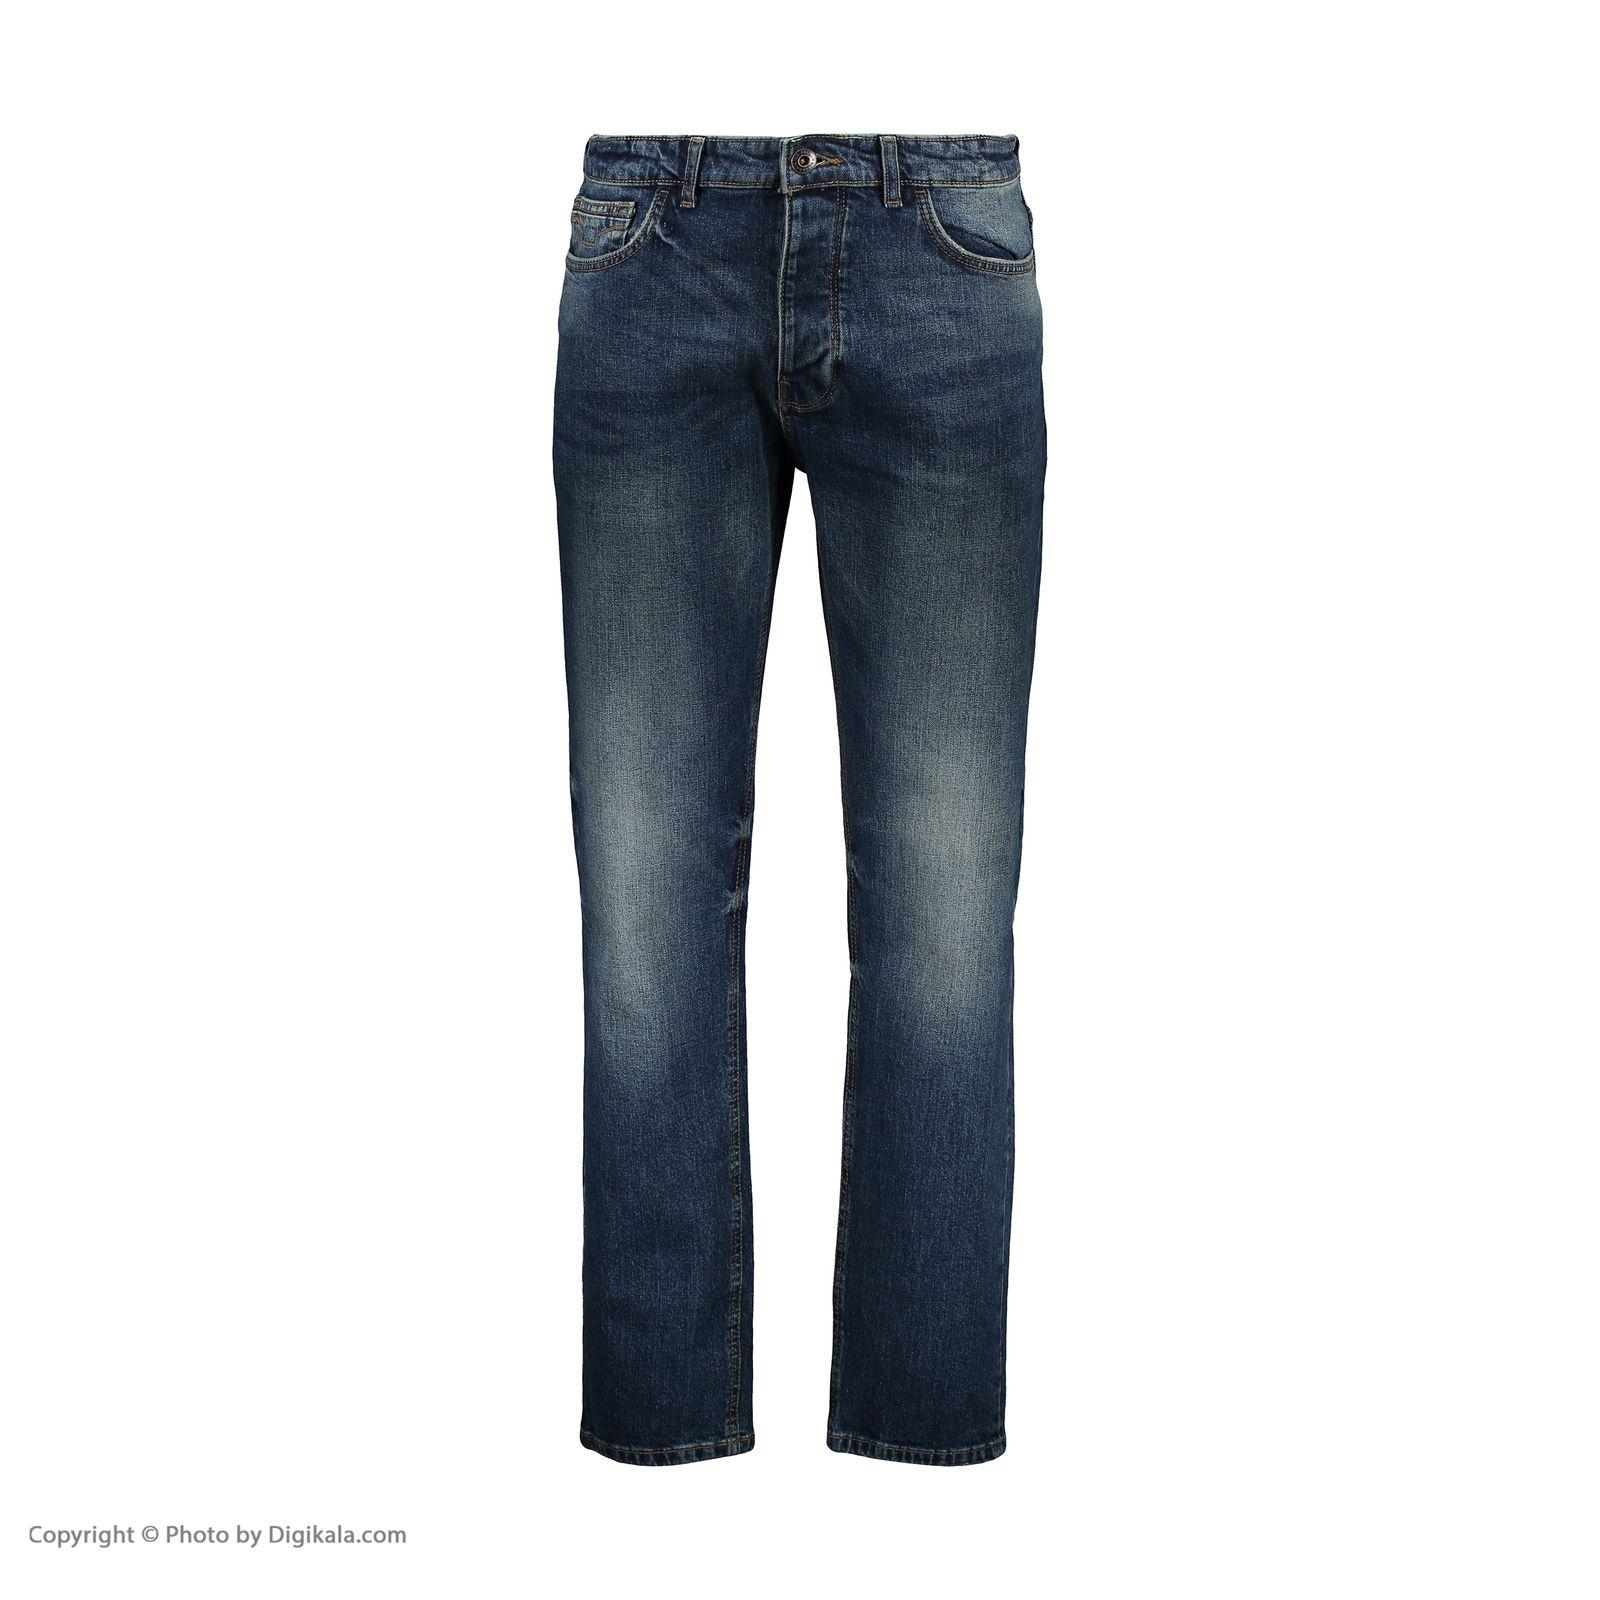 تصویر شلوار جین مردانه زی مدل 153122357